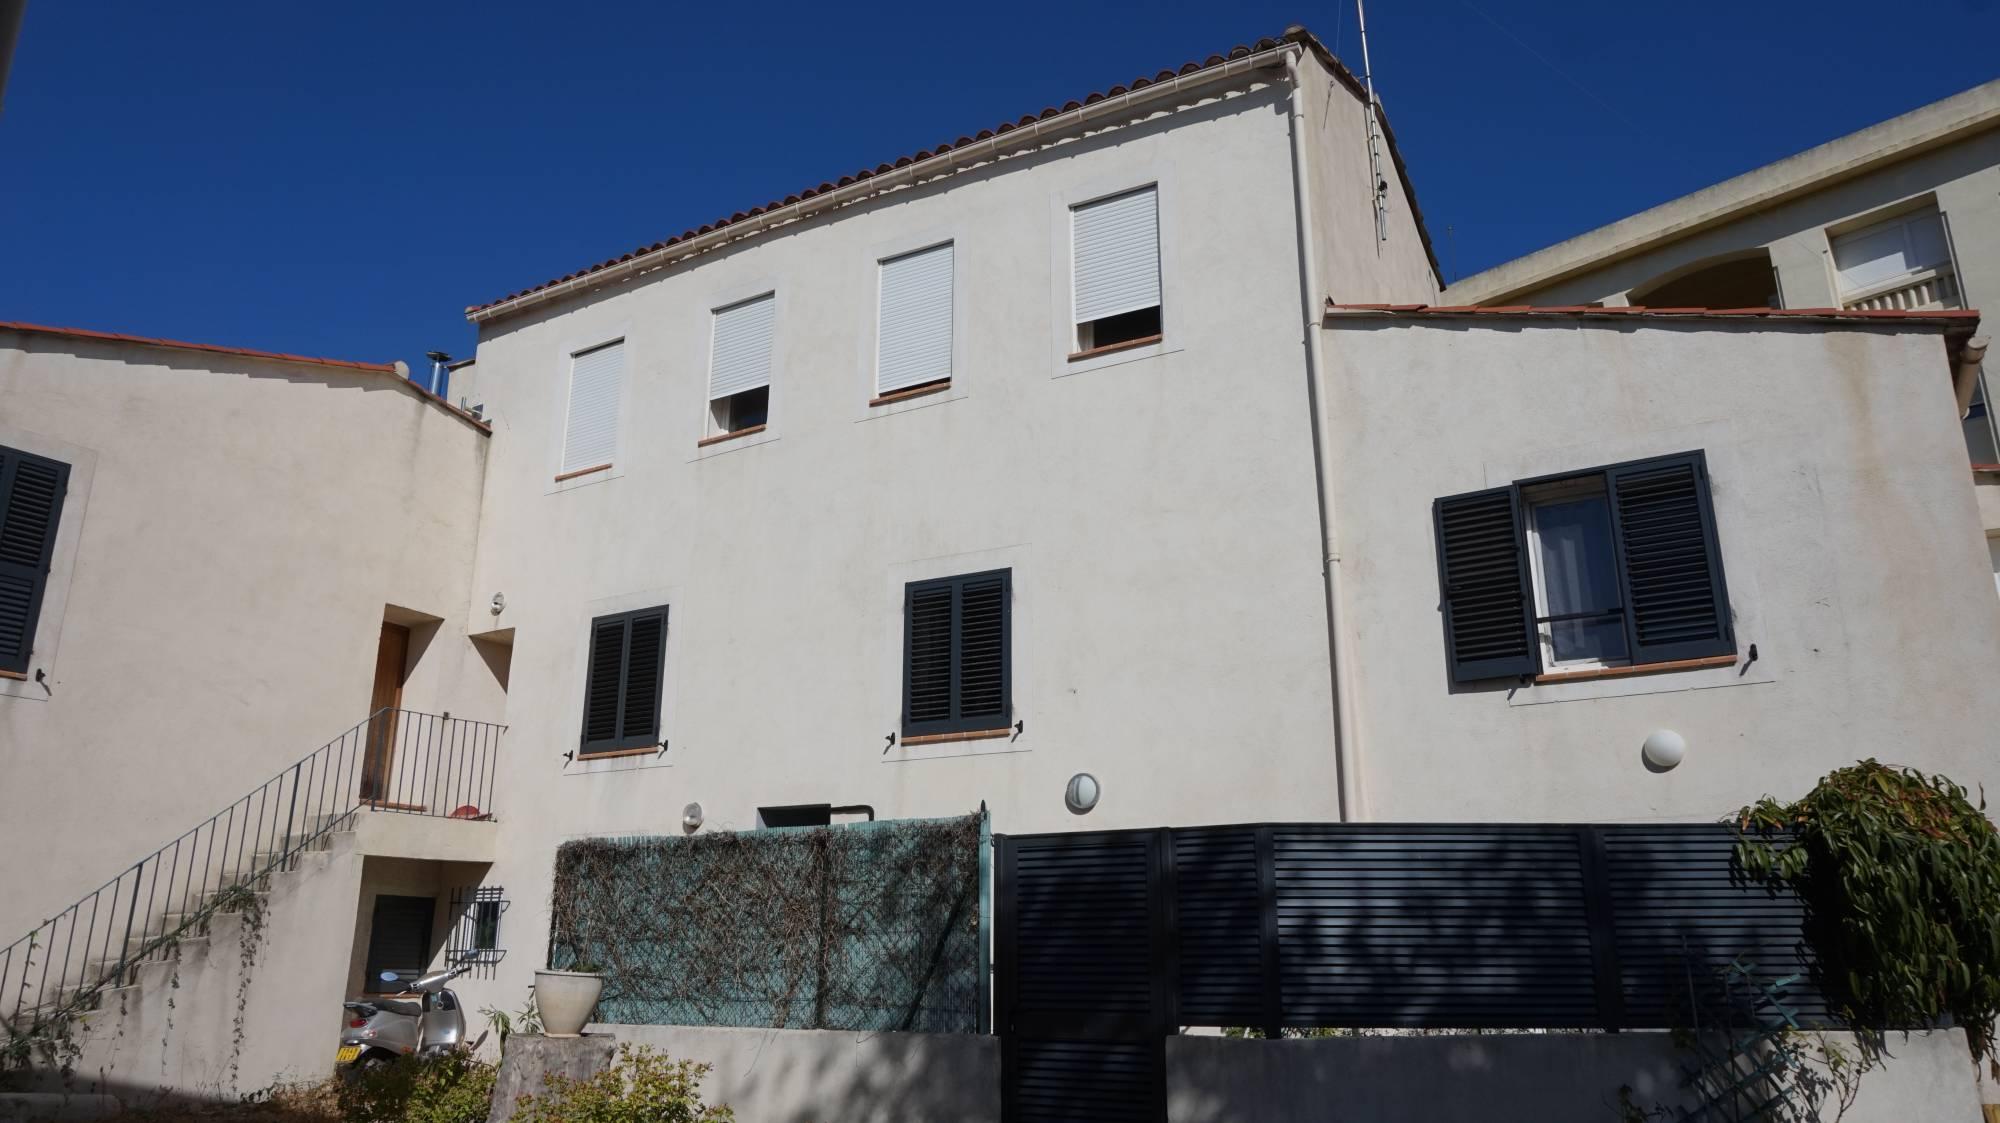 Maison Avec Piscine Et Jardin À Louer Marseille 13 ... dedans Maison A Louer Avec Jardin